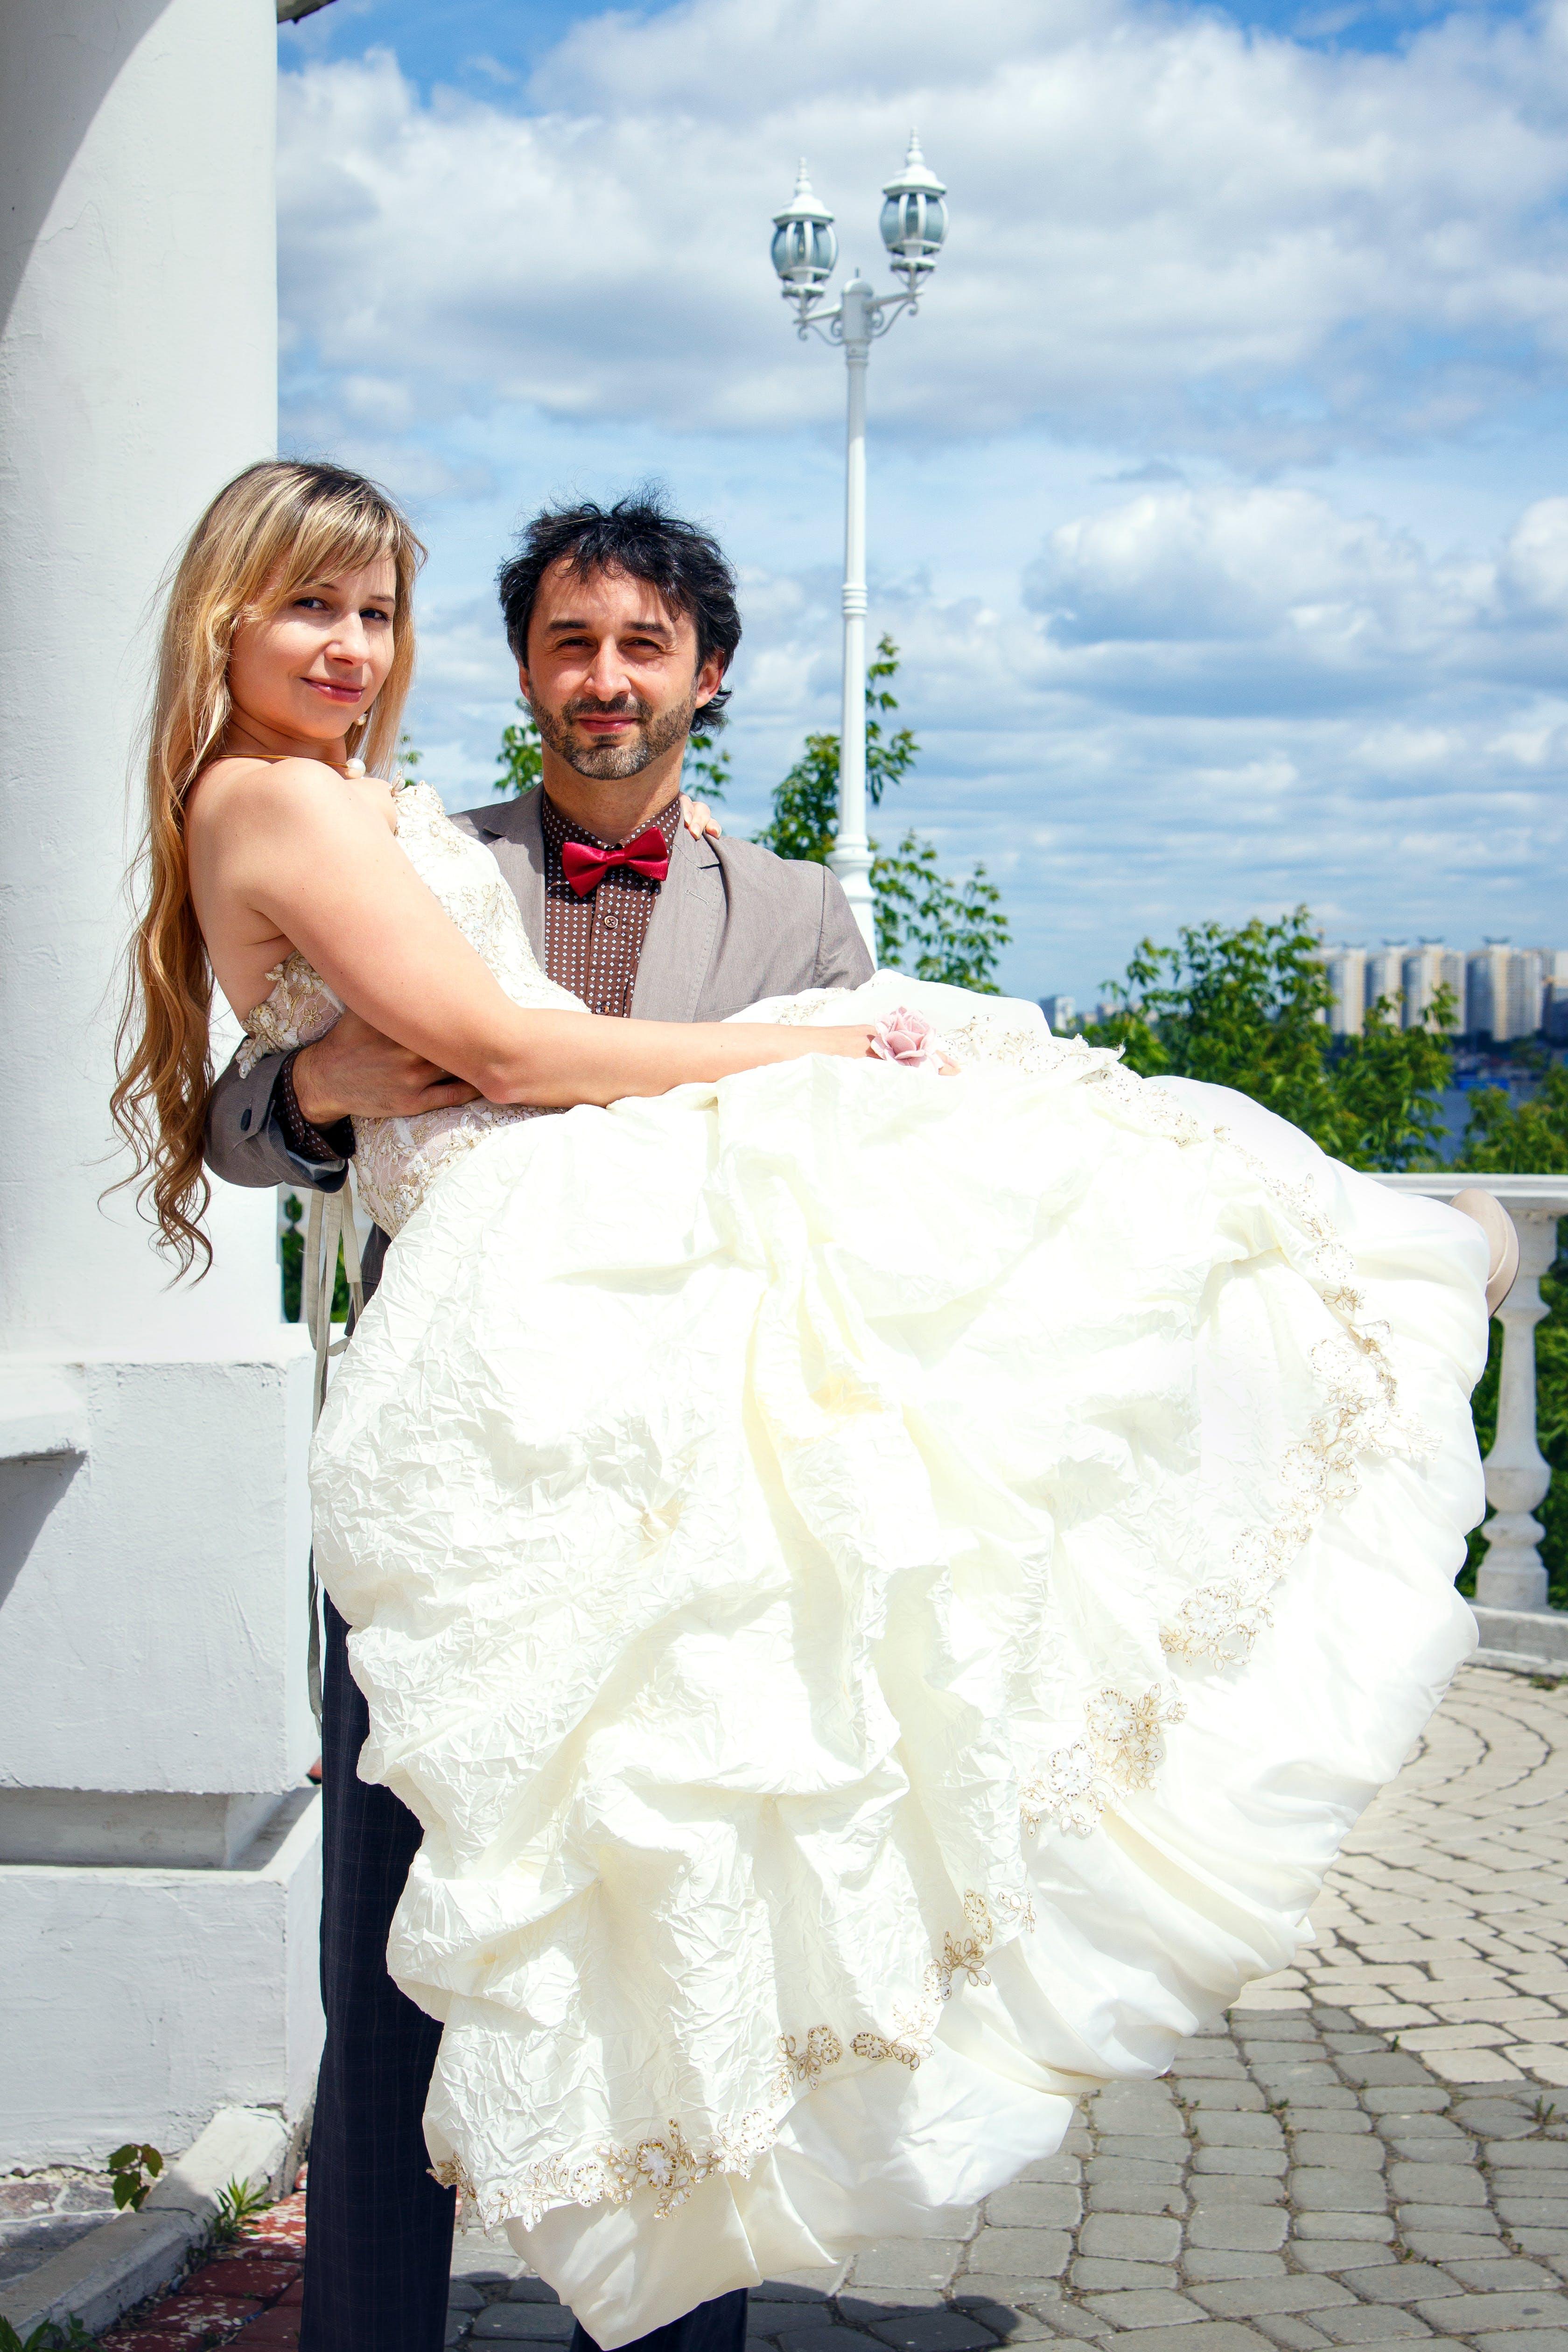 おとこ, お祝い, アダルト, ウェディングドレスの無料の写真素材